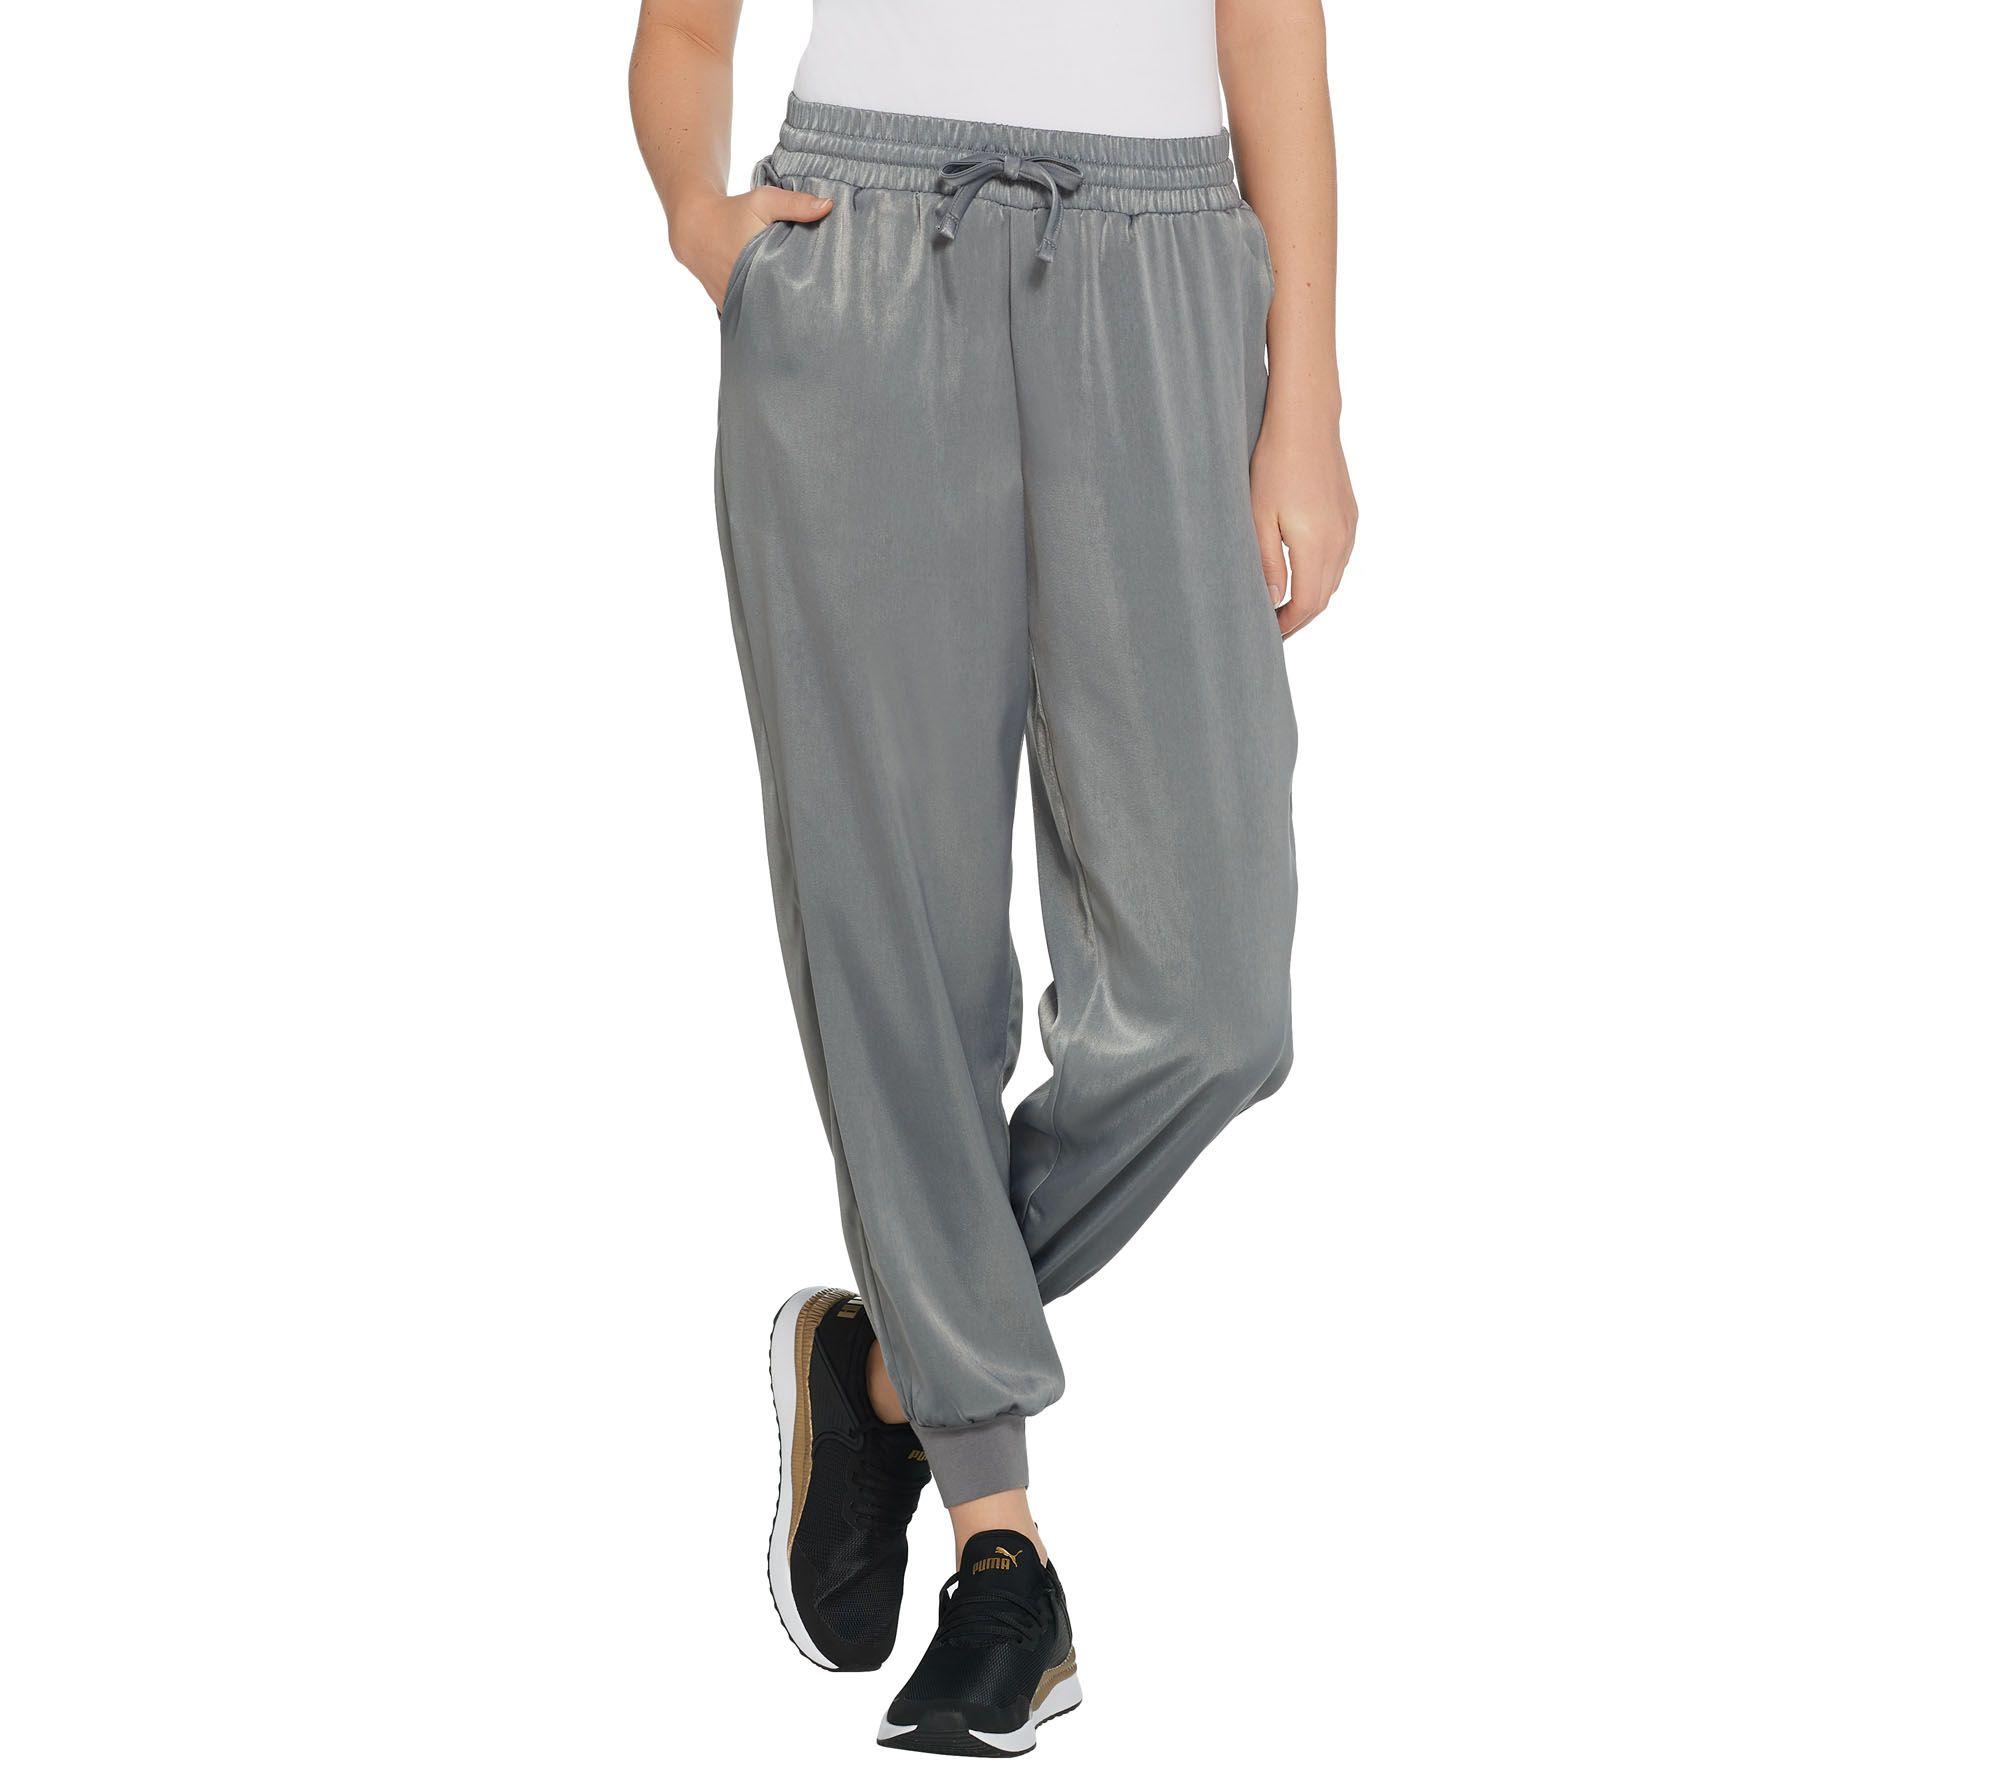 AnyBody Loungewear Petite Satin Jogger Pants - A345513